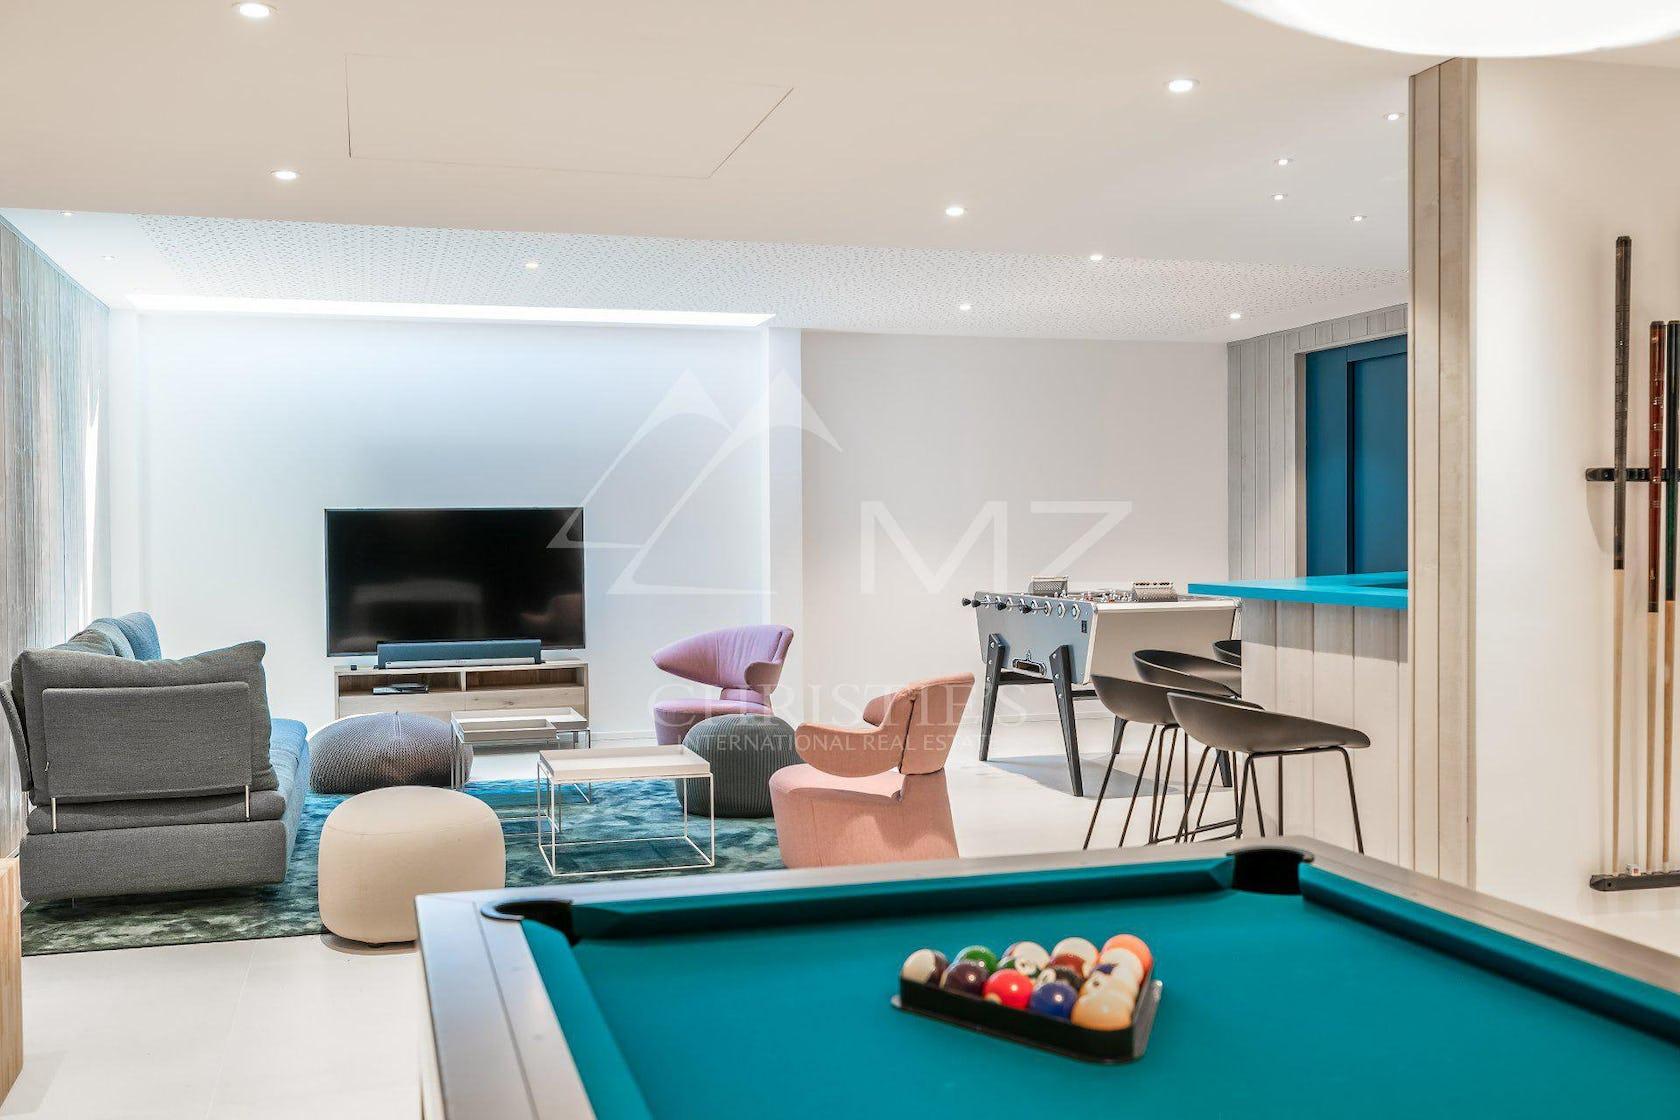 room indoors furniture table billiard room pool table